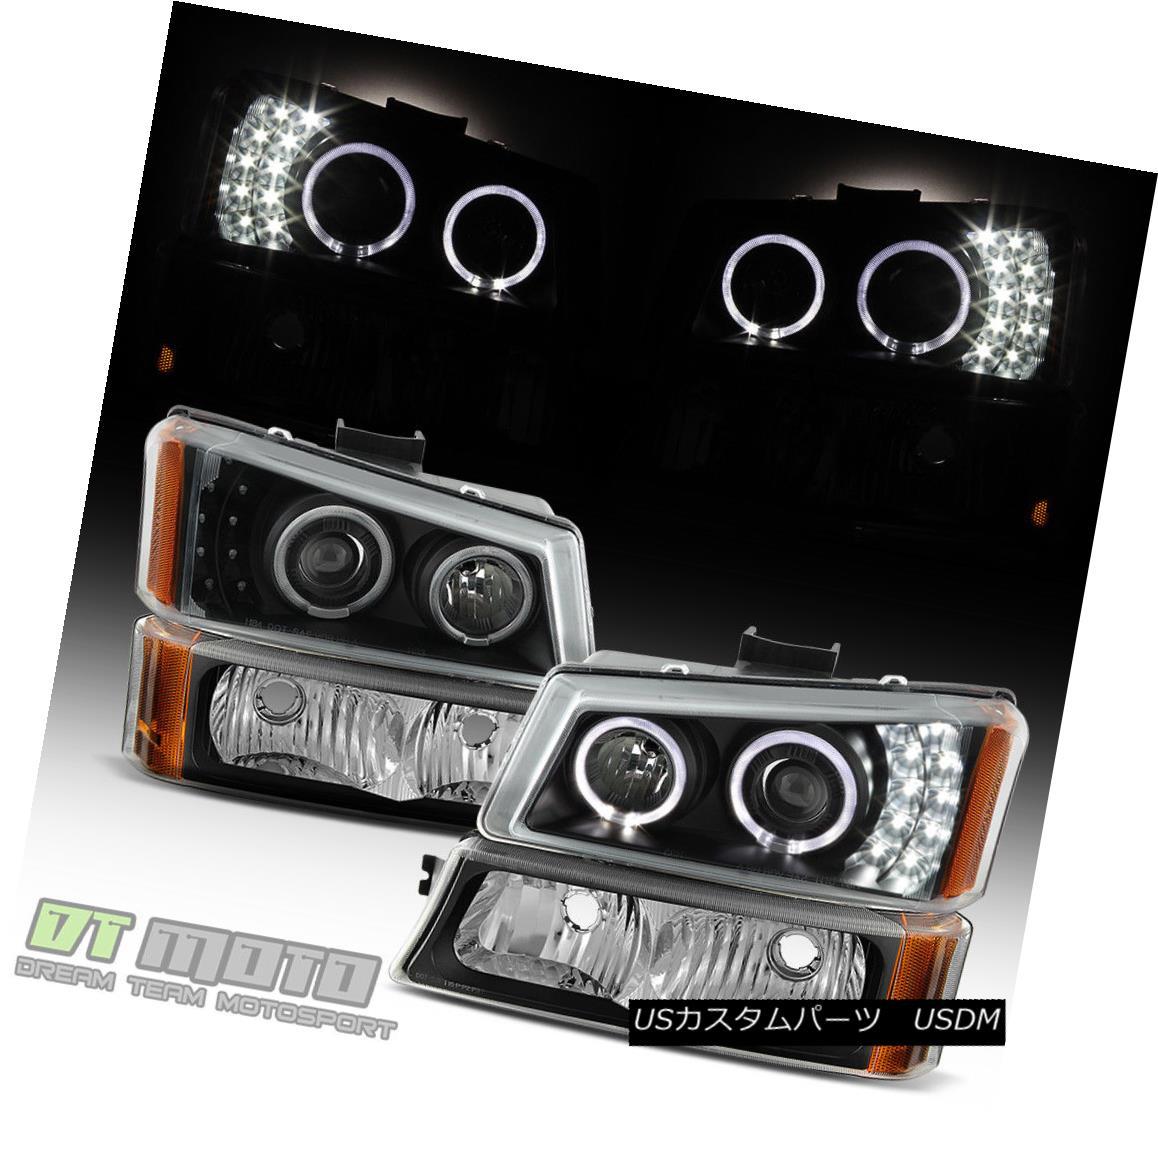 ヘッドライト Black 2003-2006 Chevy Silverado 1500 LED Halo Projector Headlights+Bumper Lights ブラック2003-2006シボレーシルバラード1500 LEDハロープロジェクターヘッドライト+ブーム